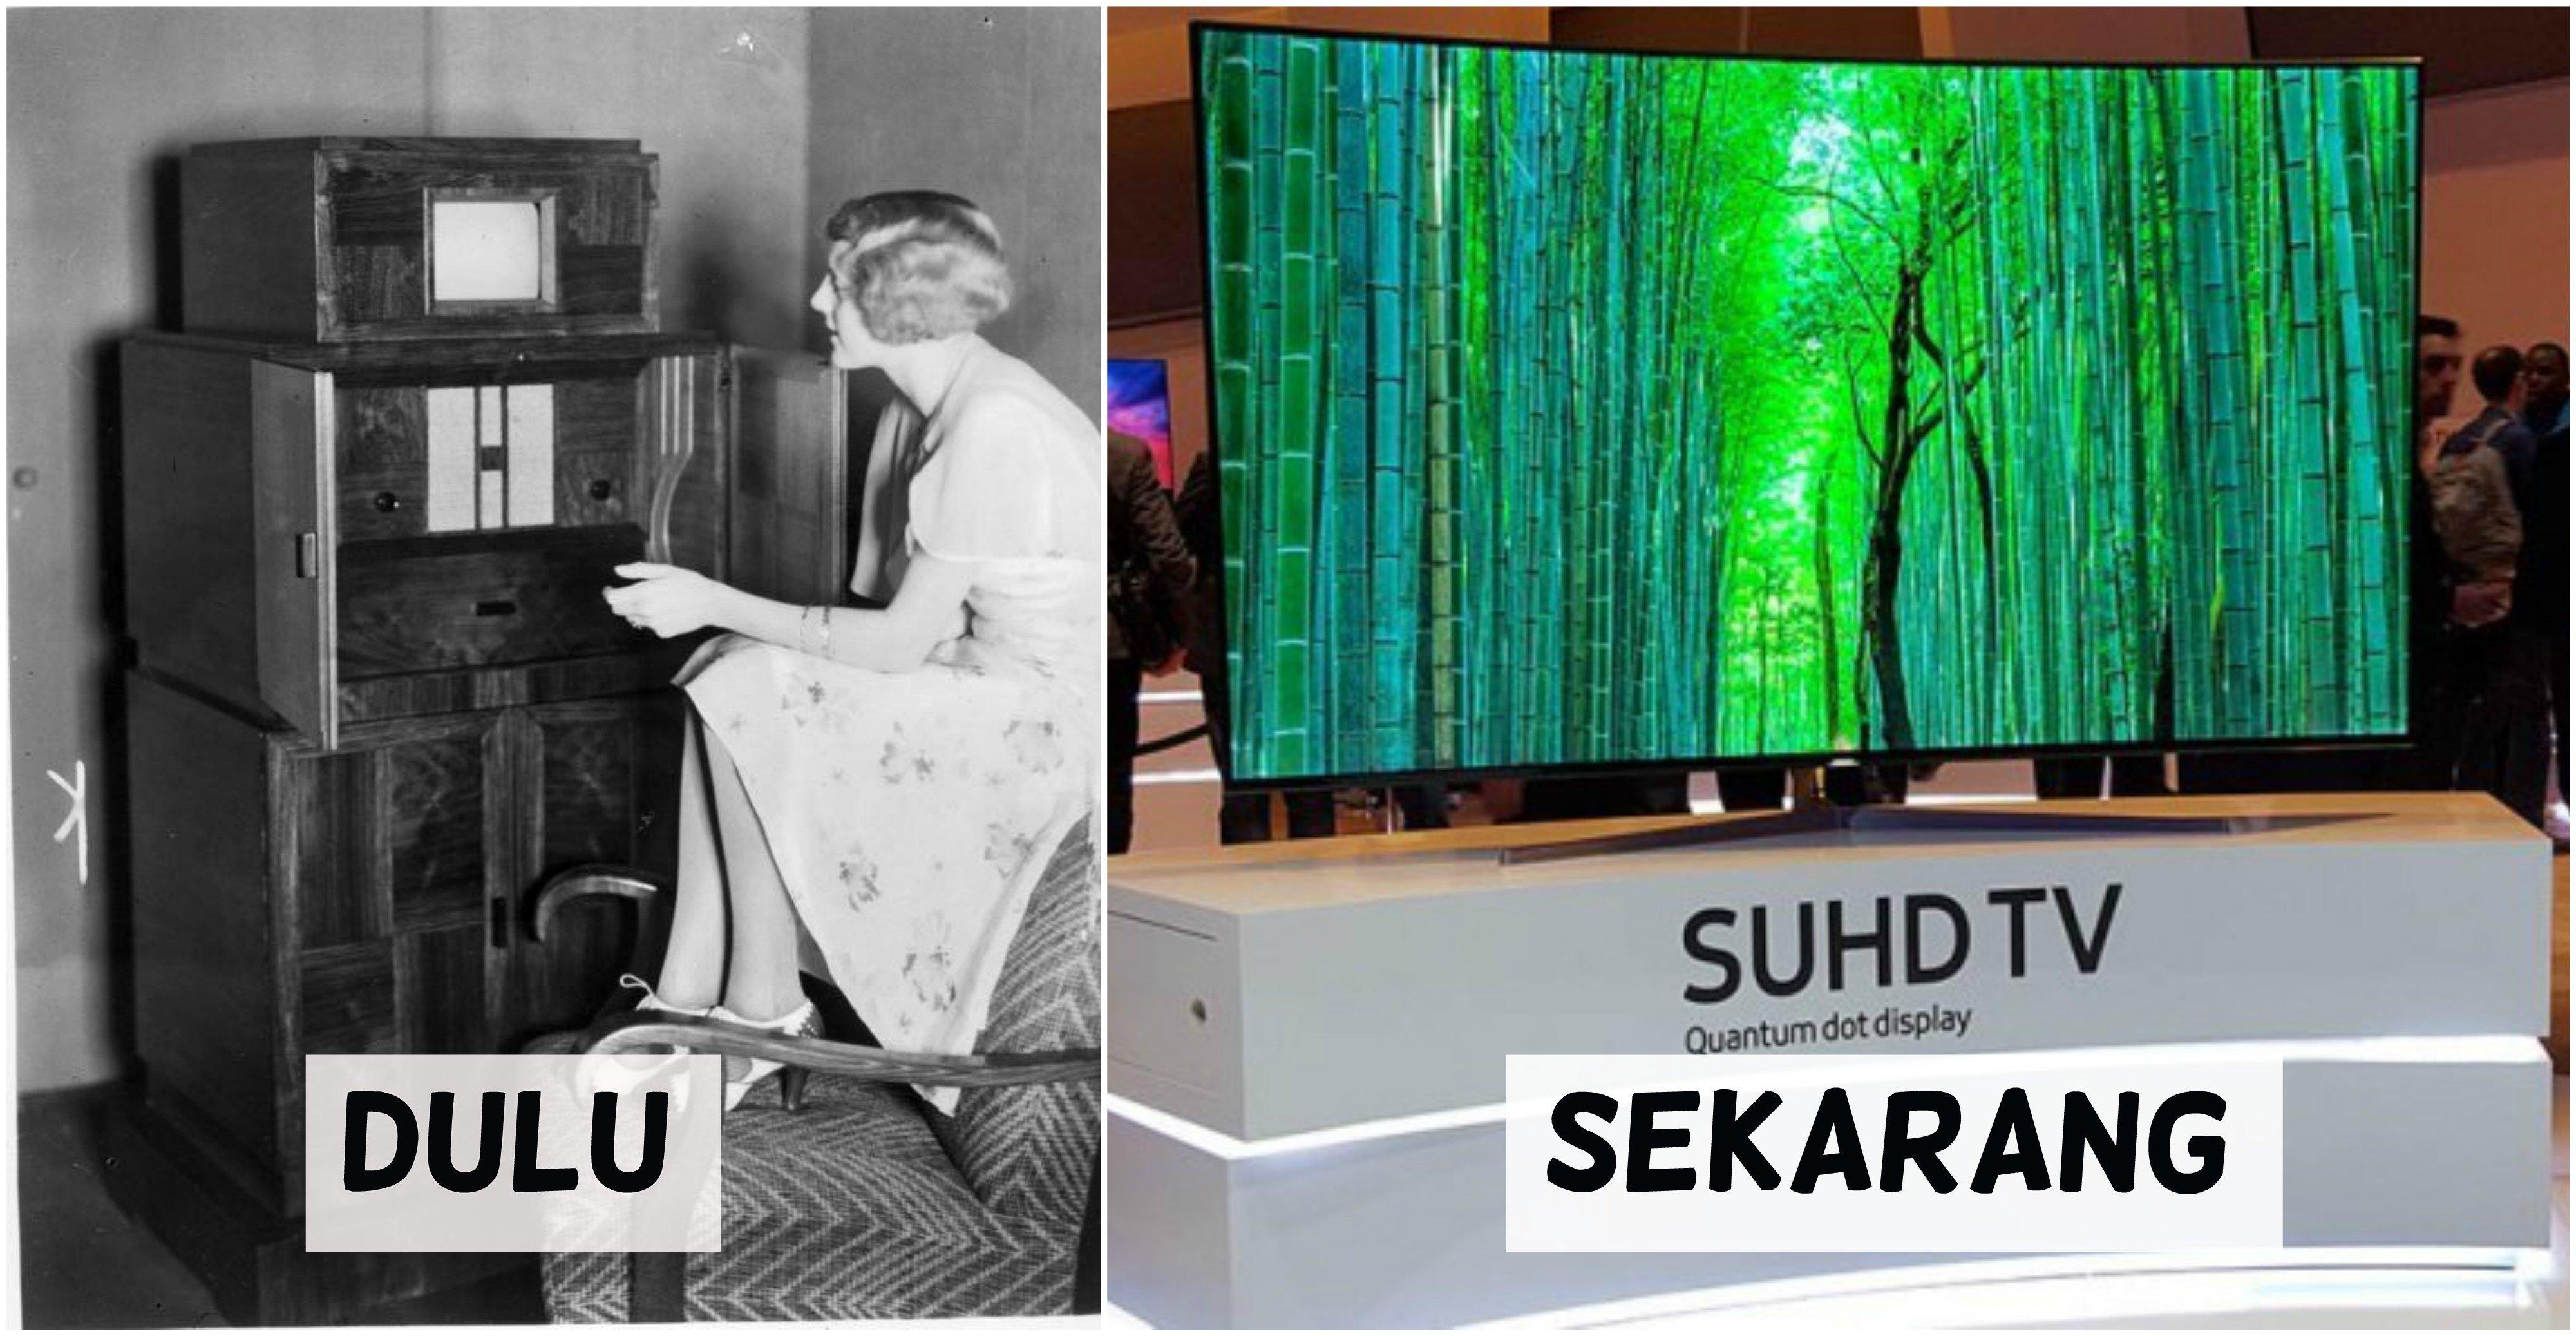 Layar televisi dulu pernah sekecil itu dengan mesin sebesar itu, sekarang? hmmm